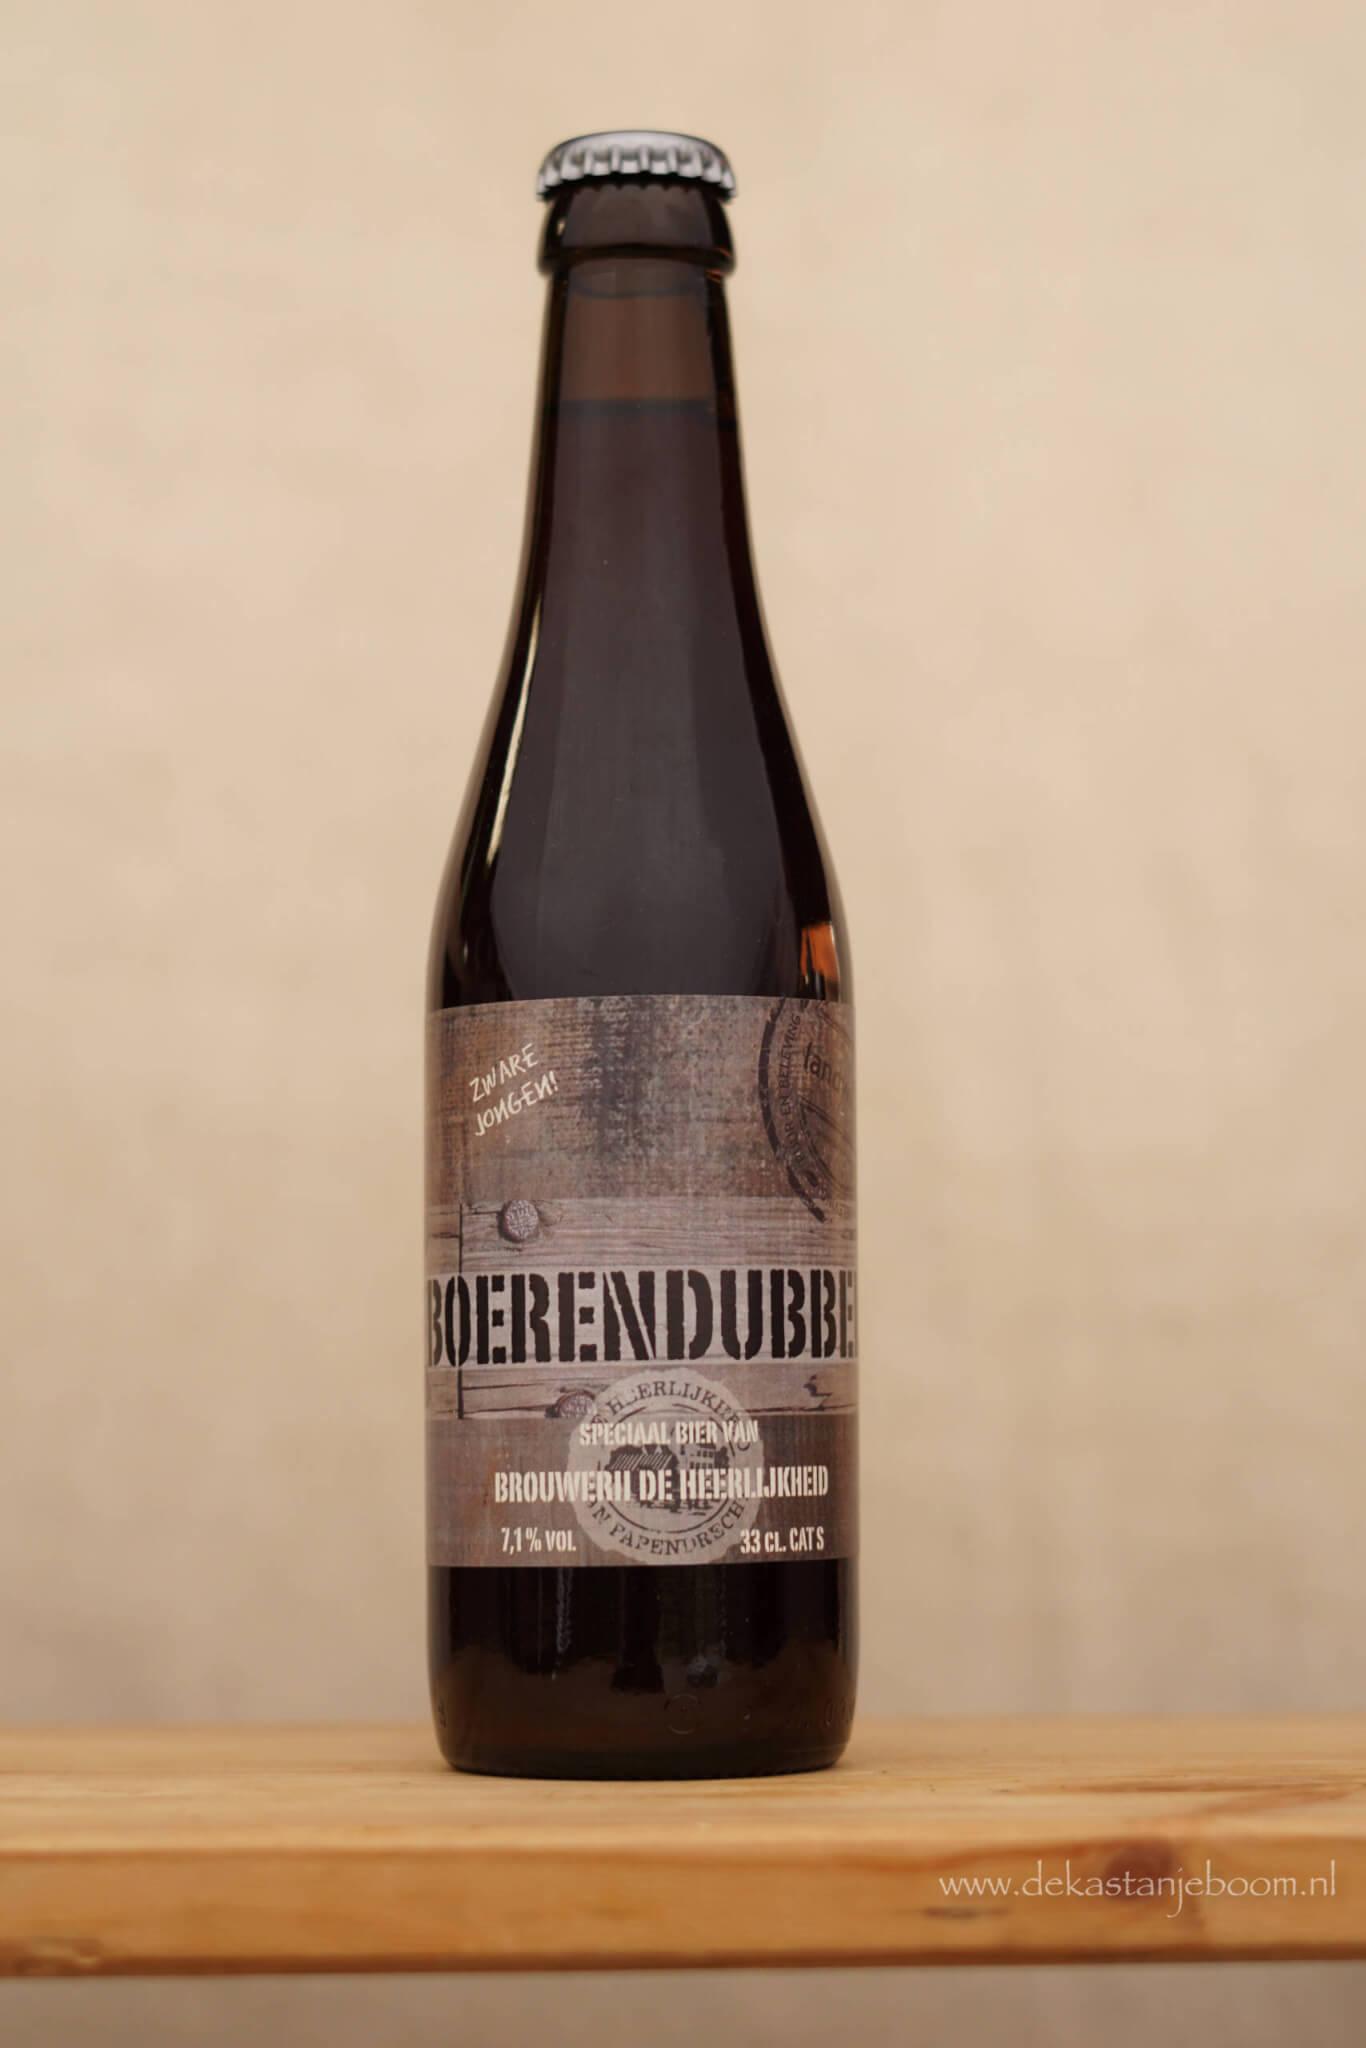 Boerendubbel bier